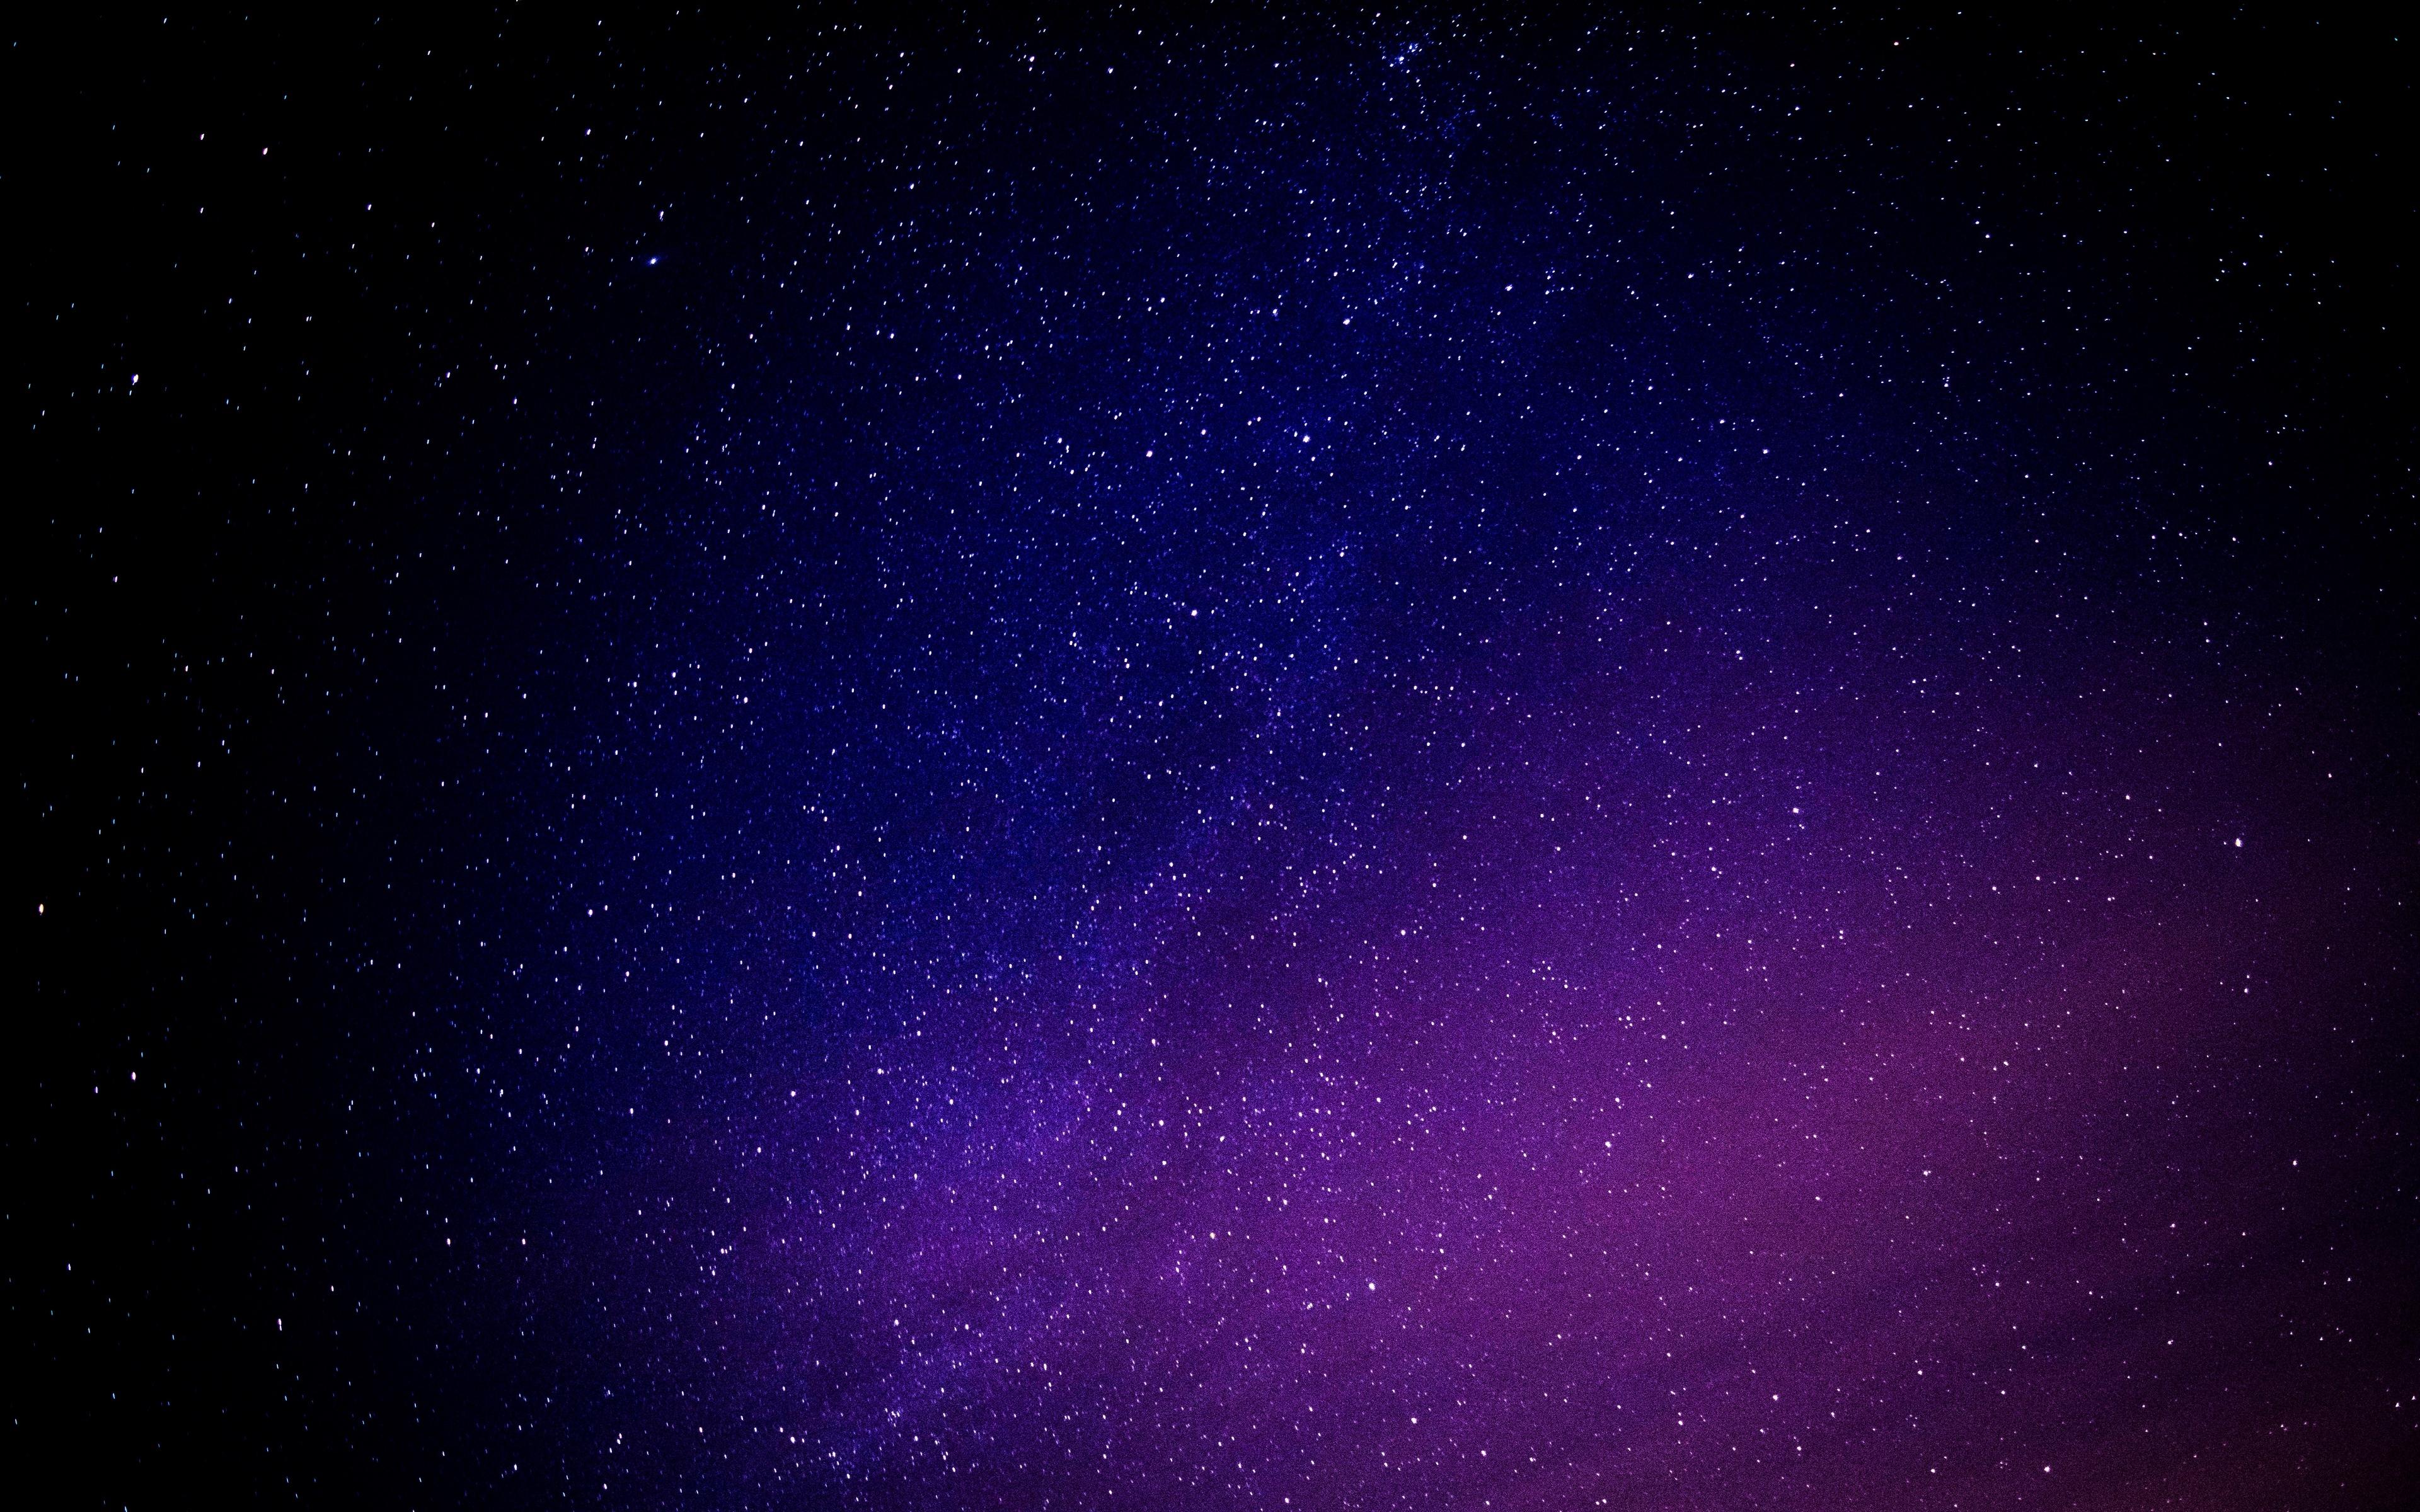 Картинка: Космос, звёзды, цвет, газ